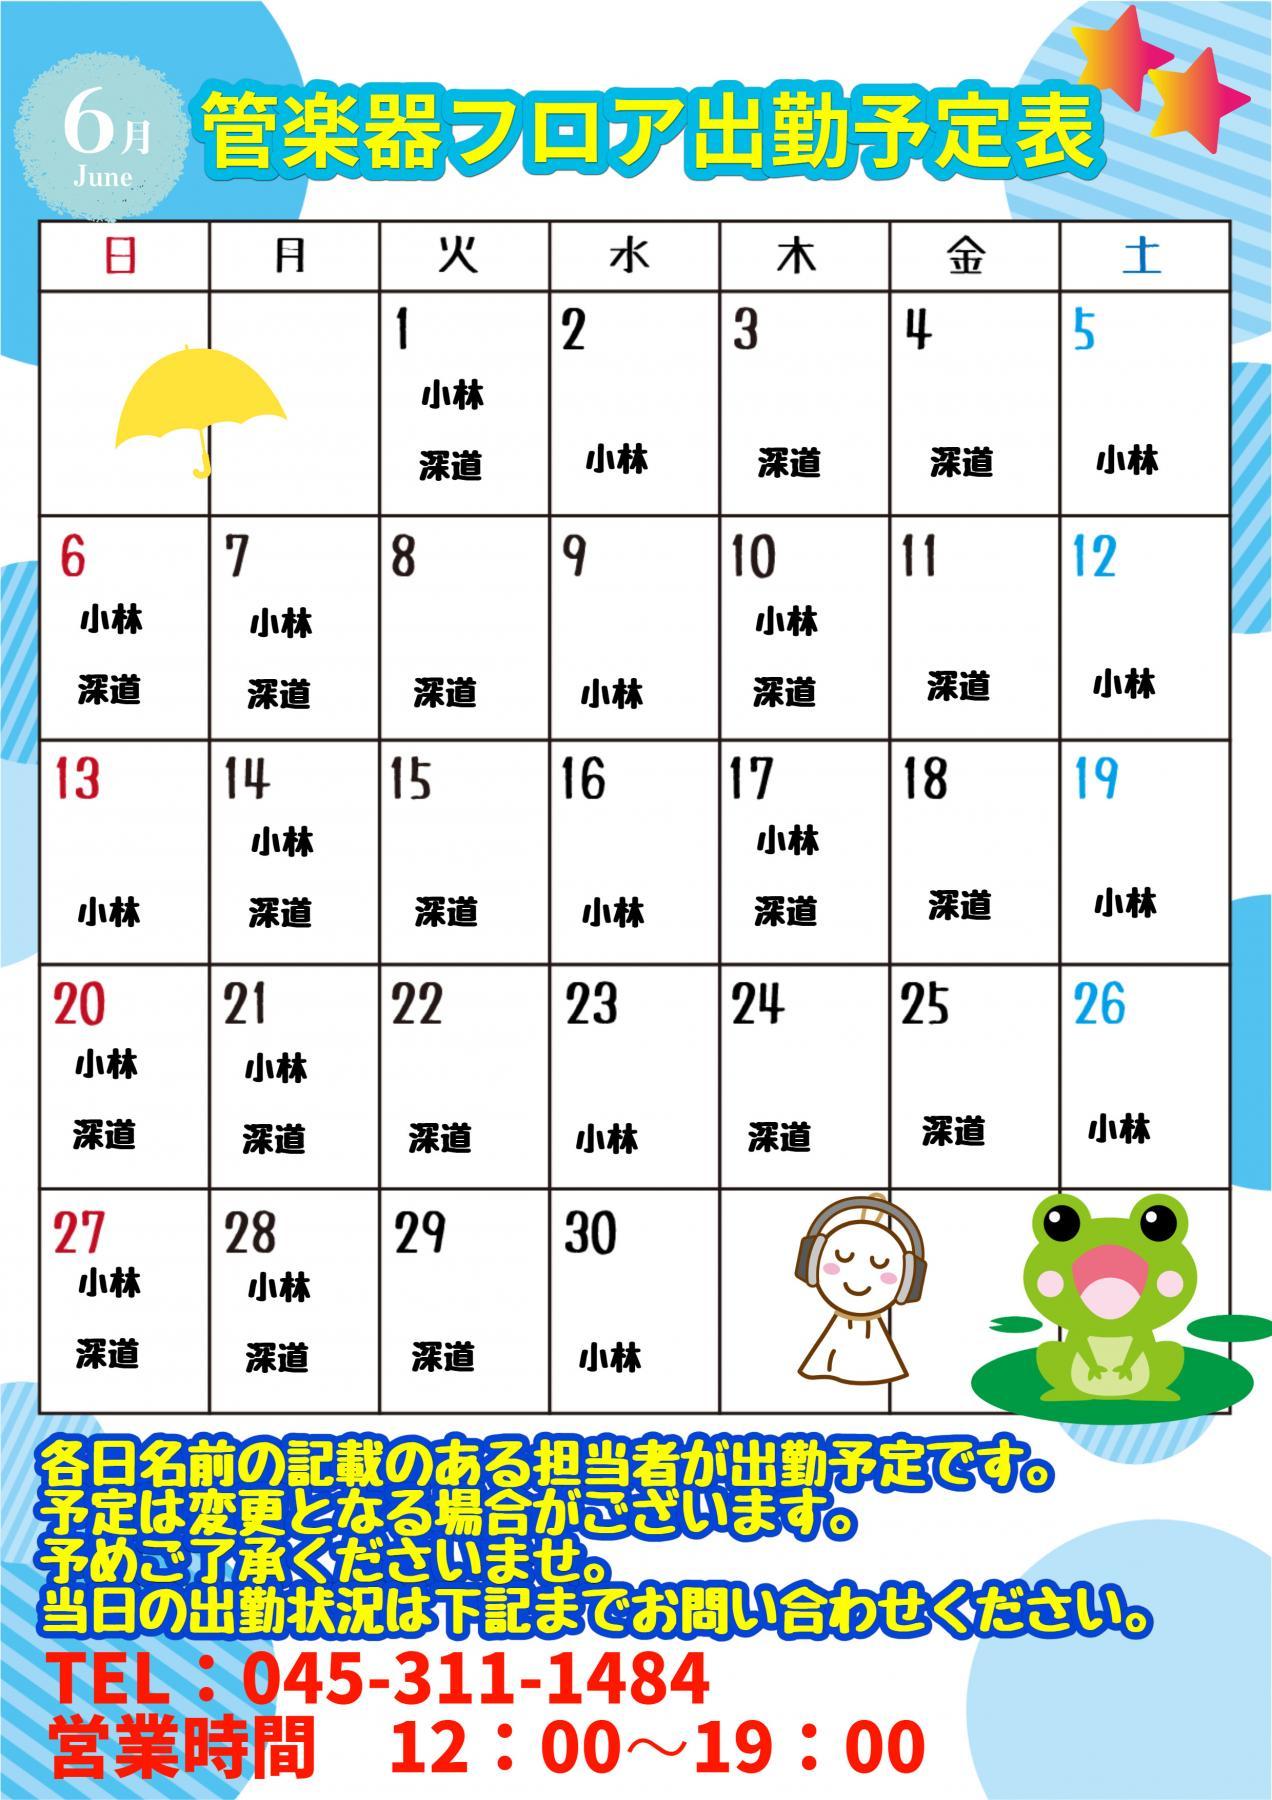 【横浜店】21年6月管楽器担当出勤情報! 写真